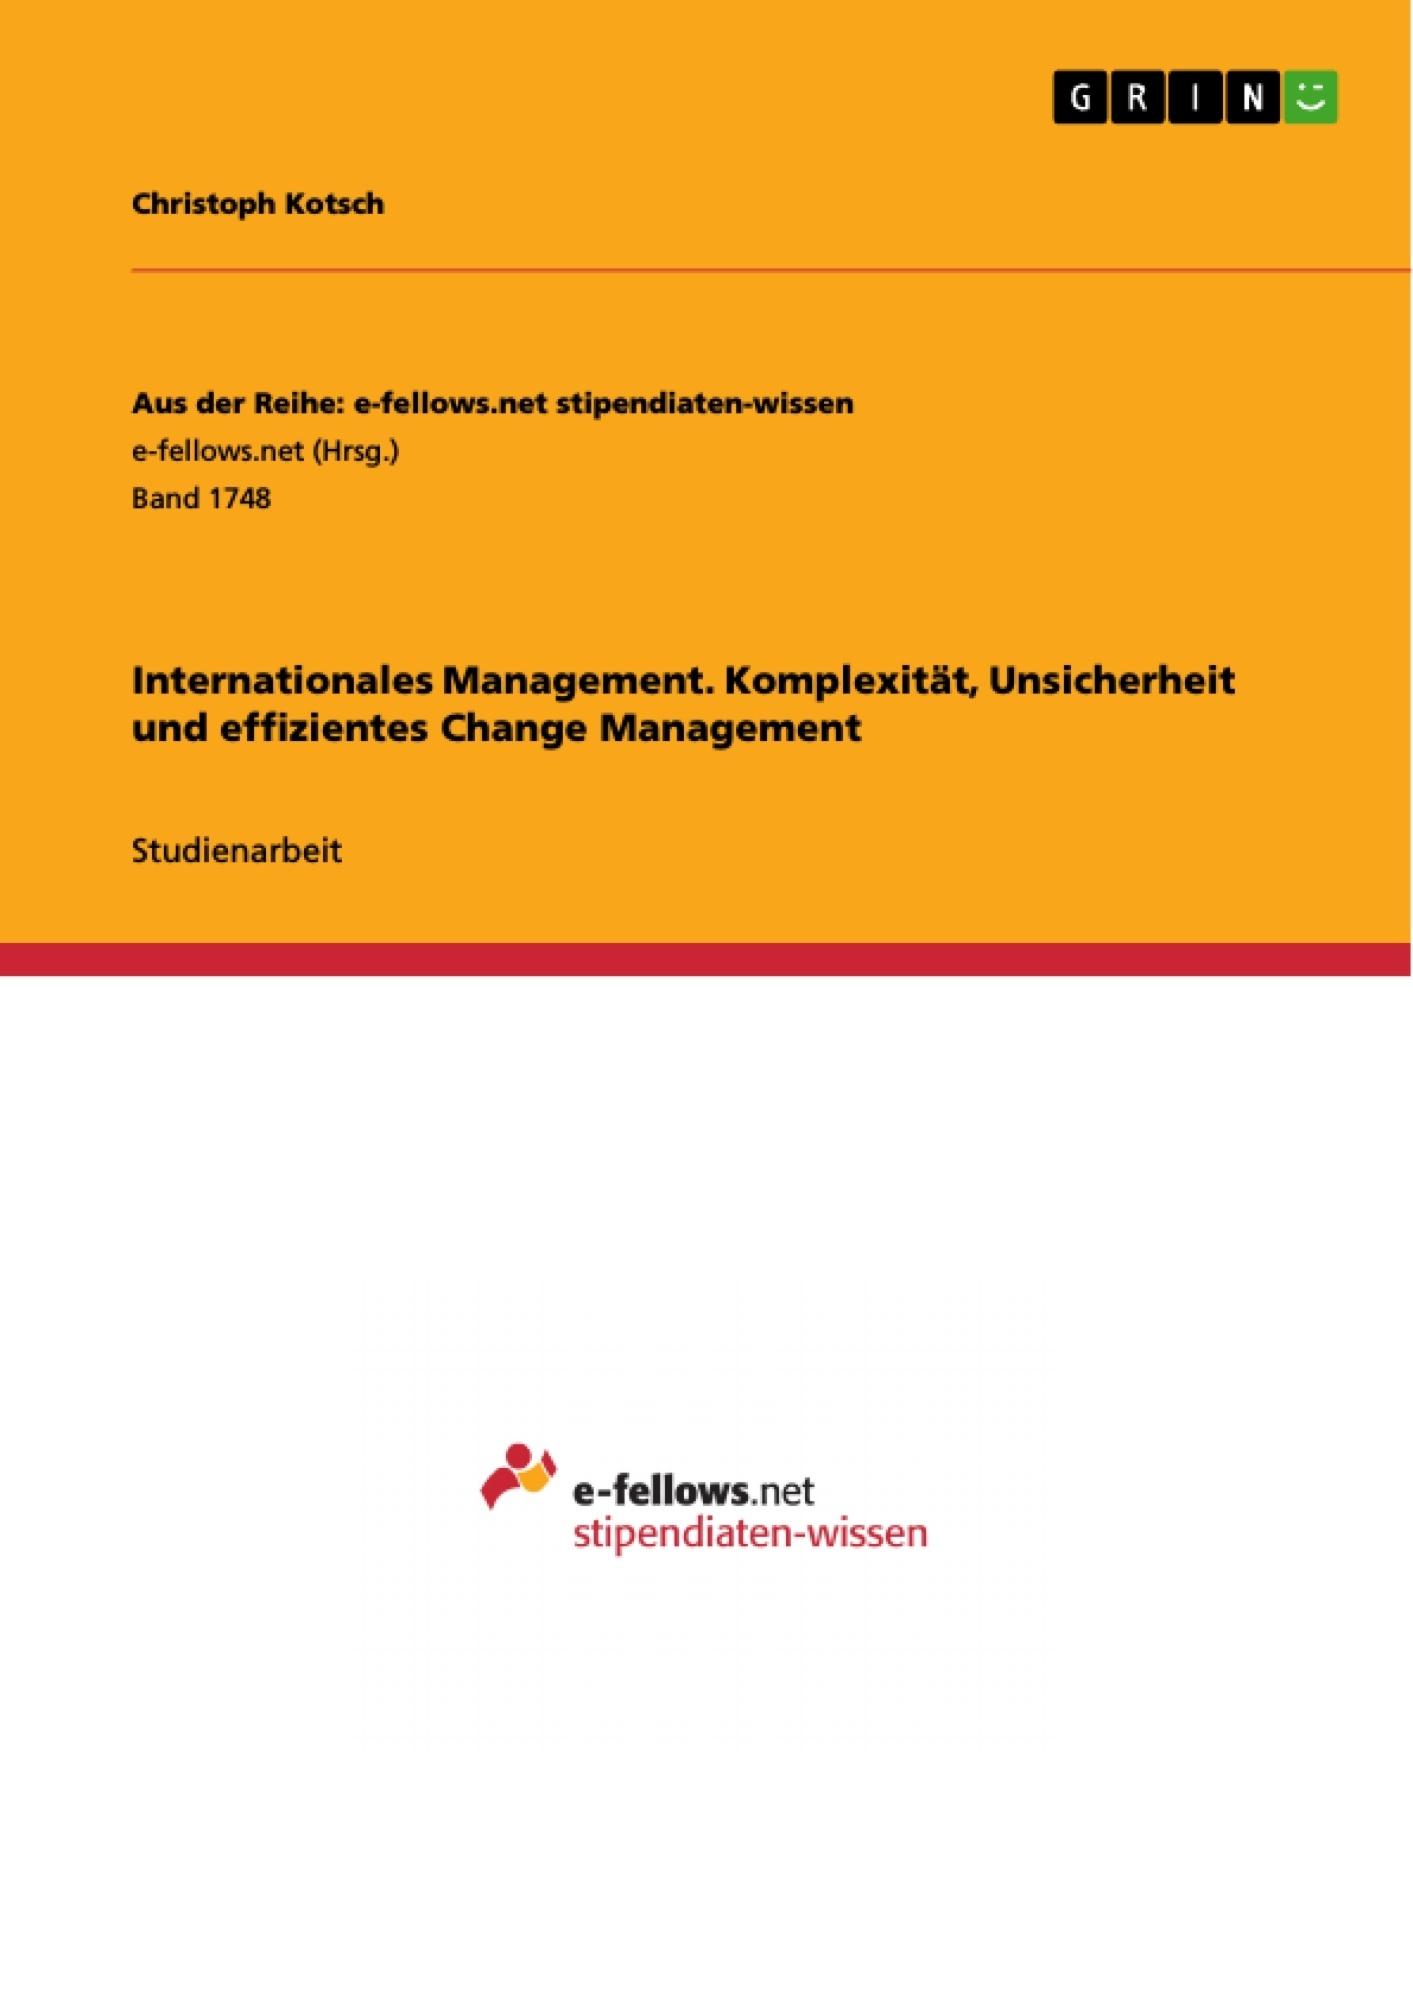 Titel: Internationales Management. Komplexität, Unsicherheit und effizientes Change Management